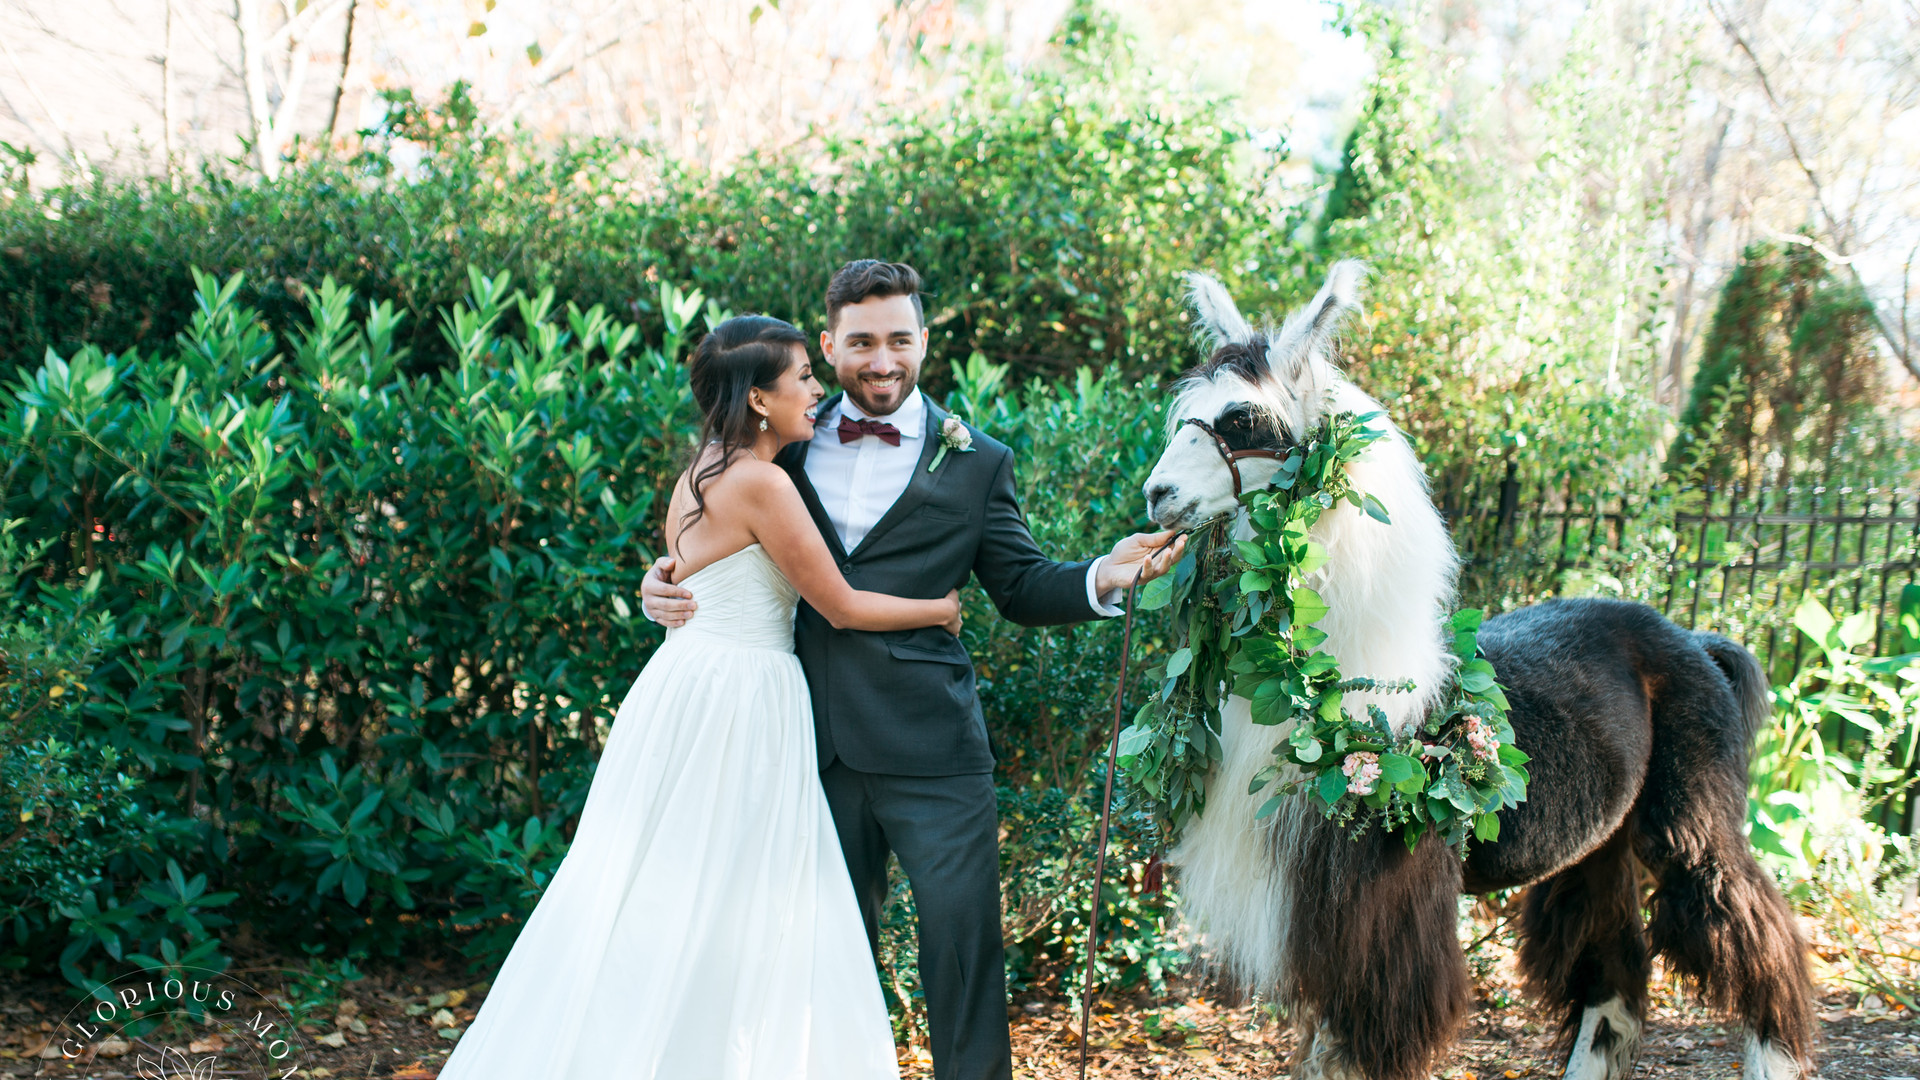 llama wedding in decatur georgia